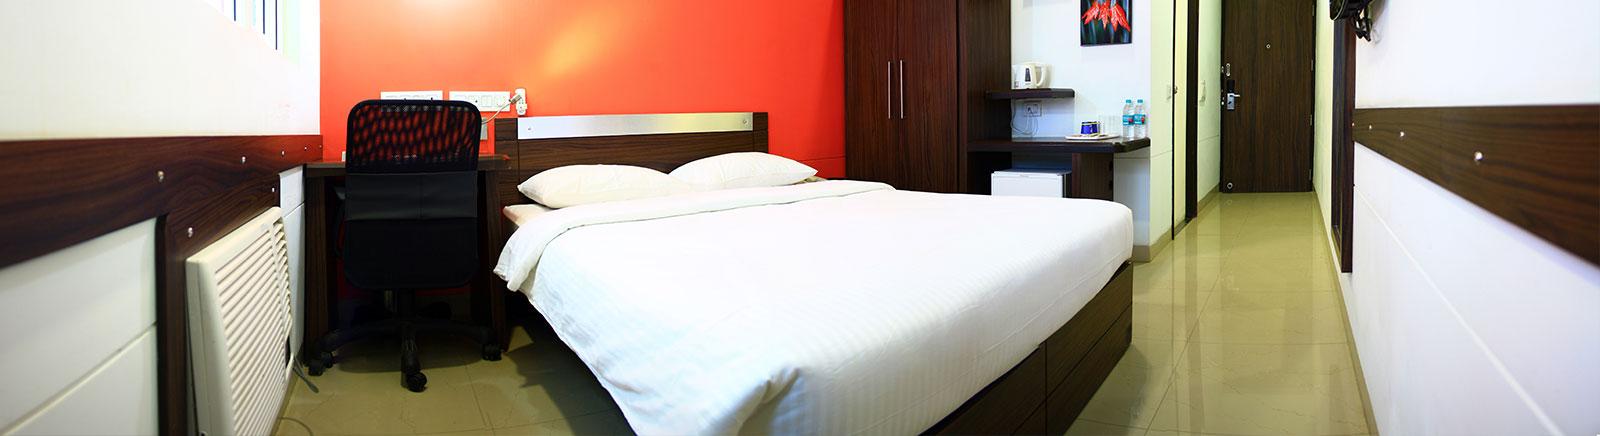 Ginger Manesar Hotel Rooms